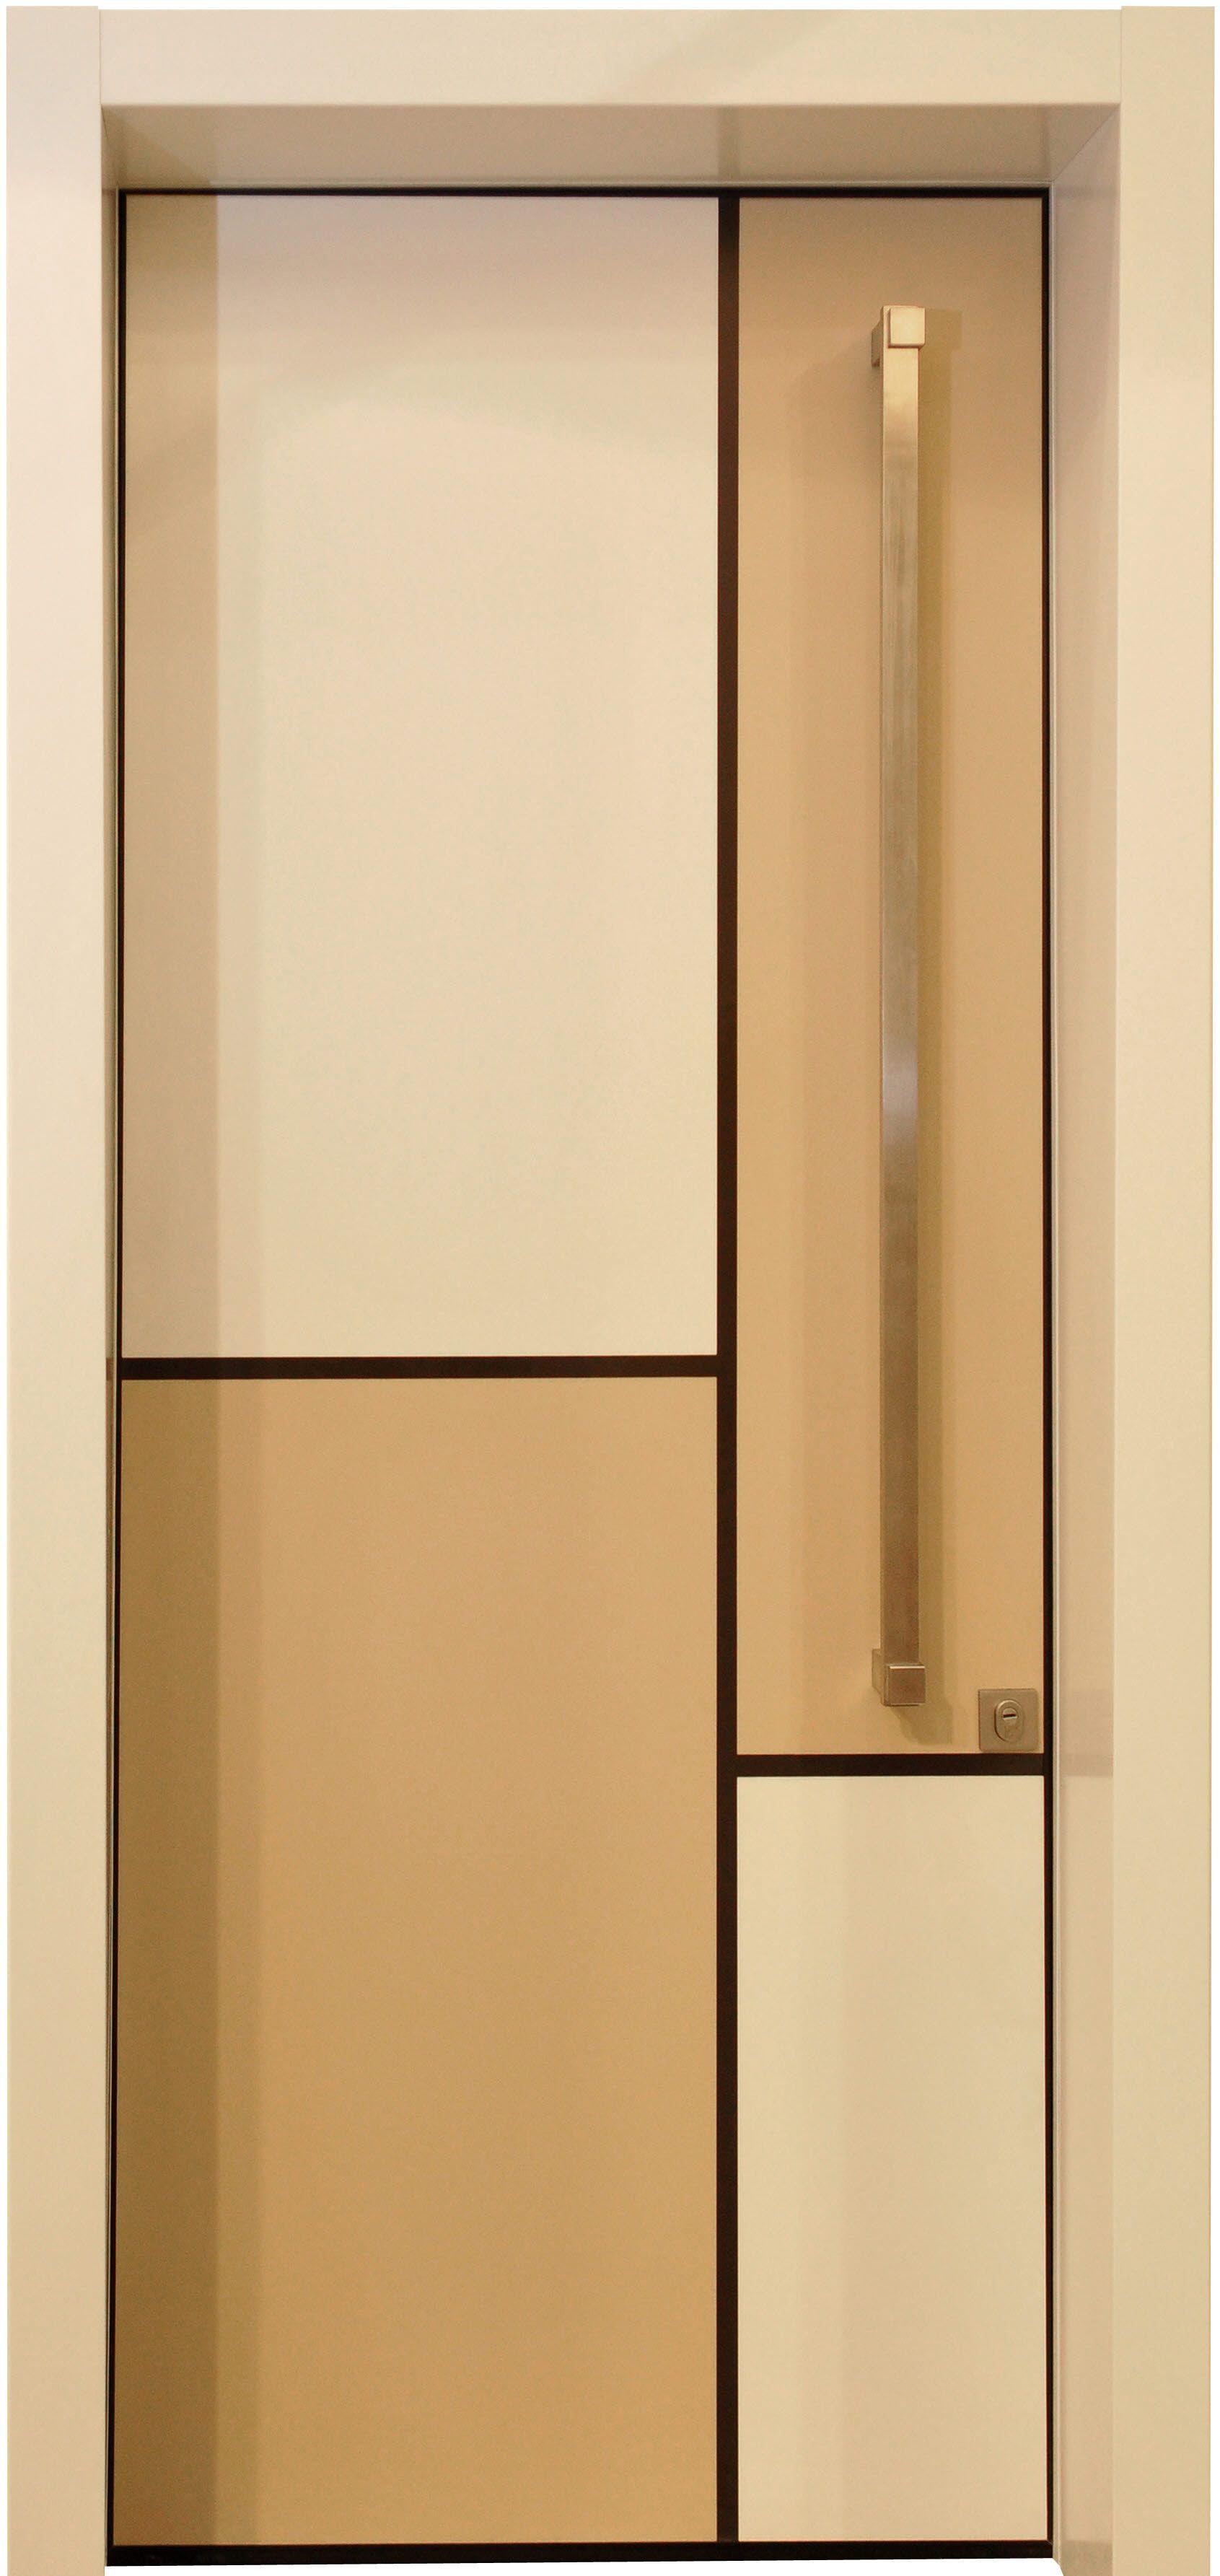 דלת מונדריאן דלתות כניסה מעוצבות בנגיעה אומנותית ליין art רשפים